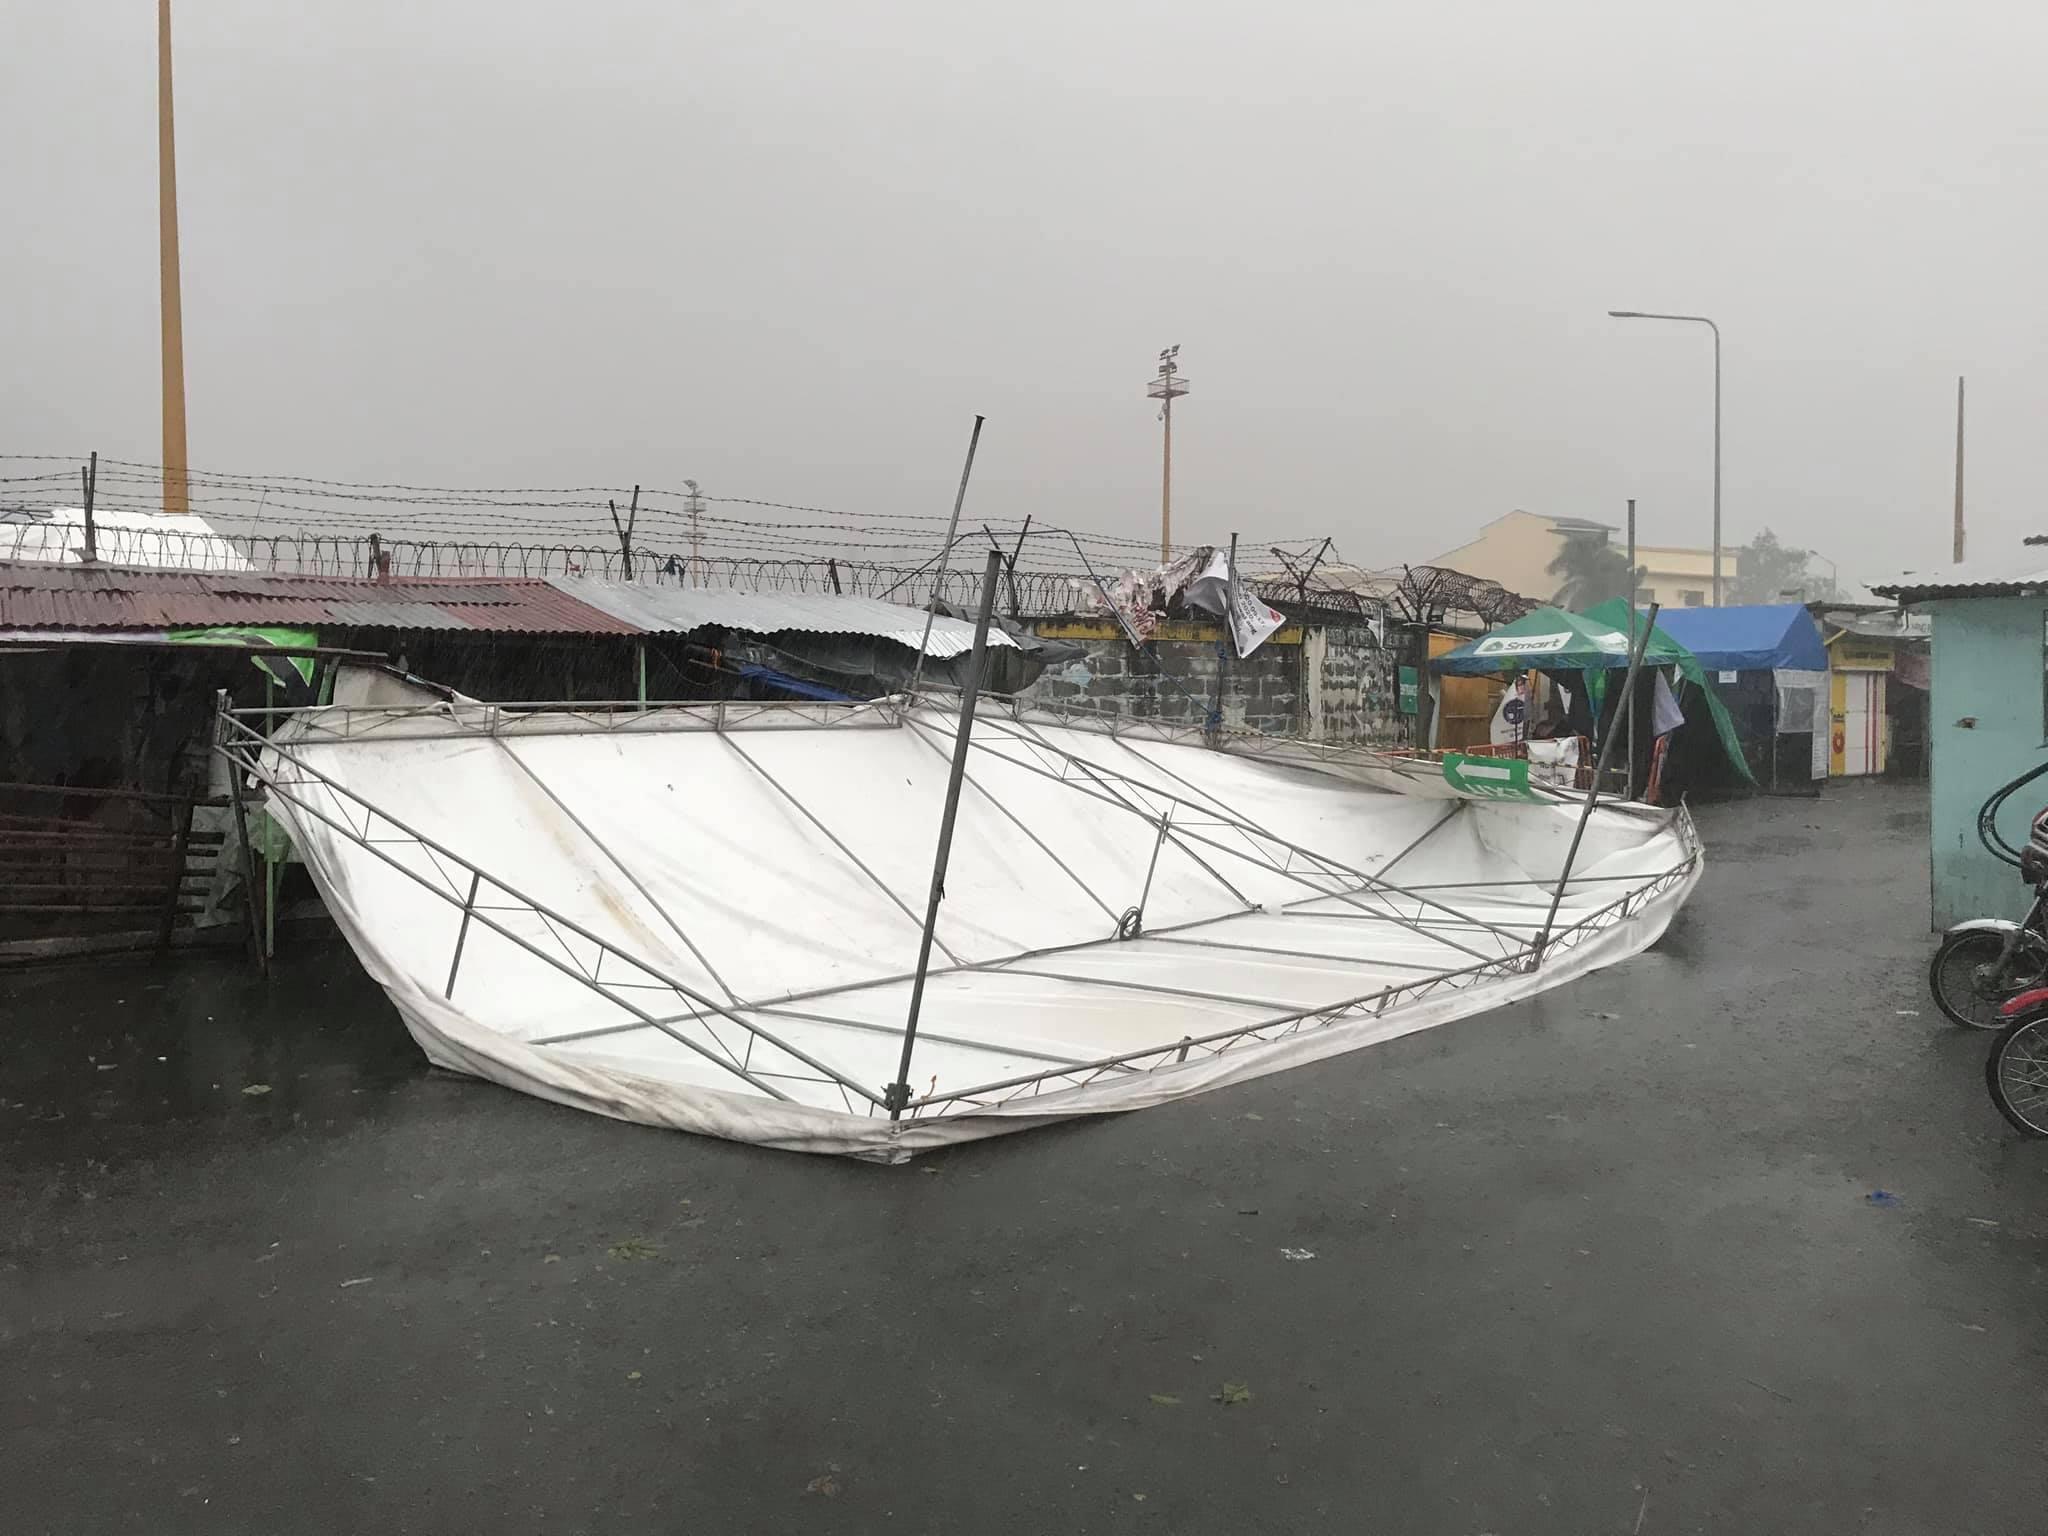 Hình ảnh cơn bão số 9 càn quét Philippines với sức gió mạnh dữ dội: Đã có những thiệt hại đầu tiên 9